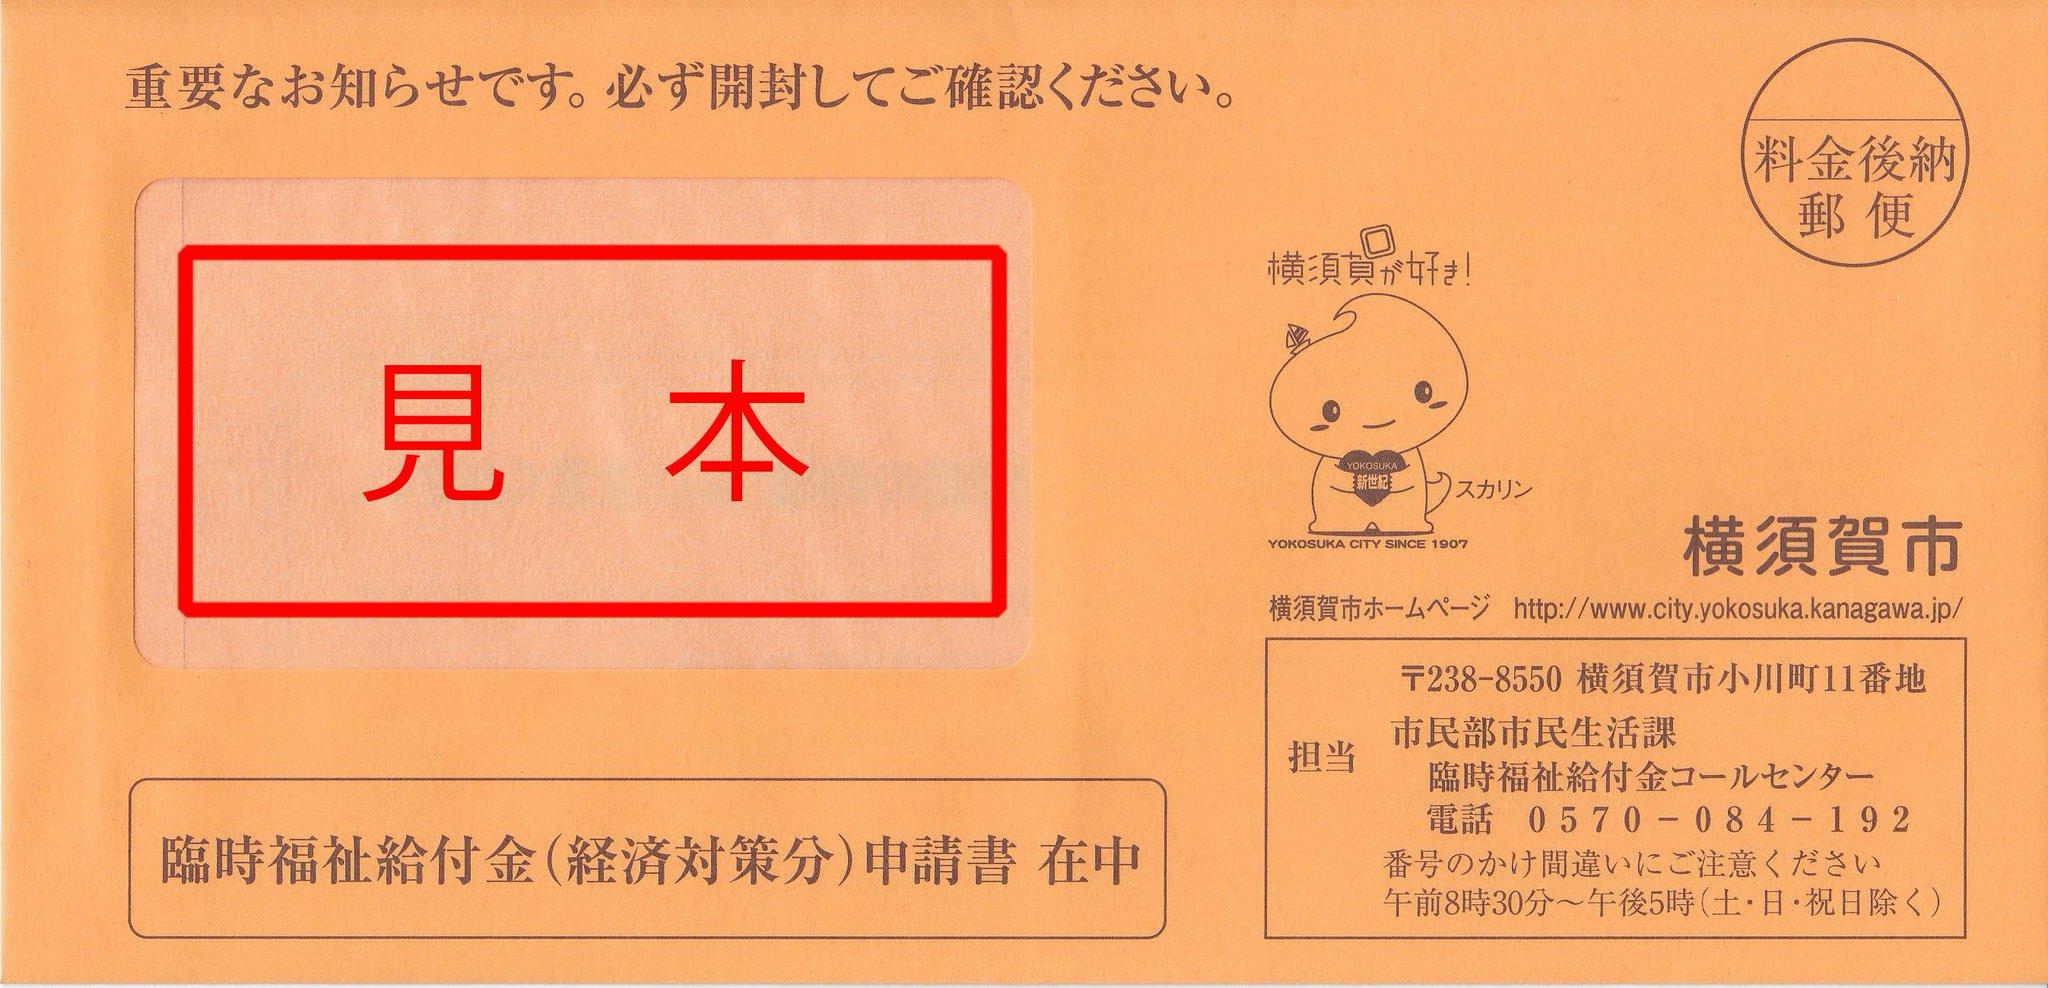 横須賀 給付 金